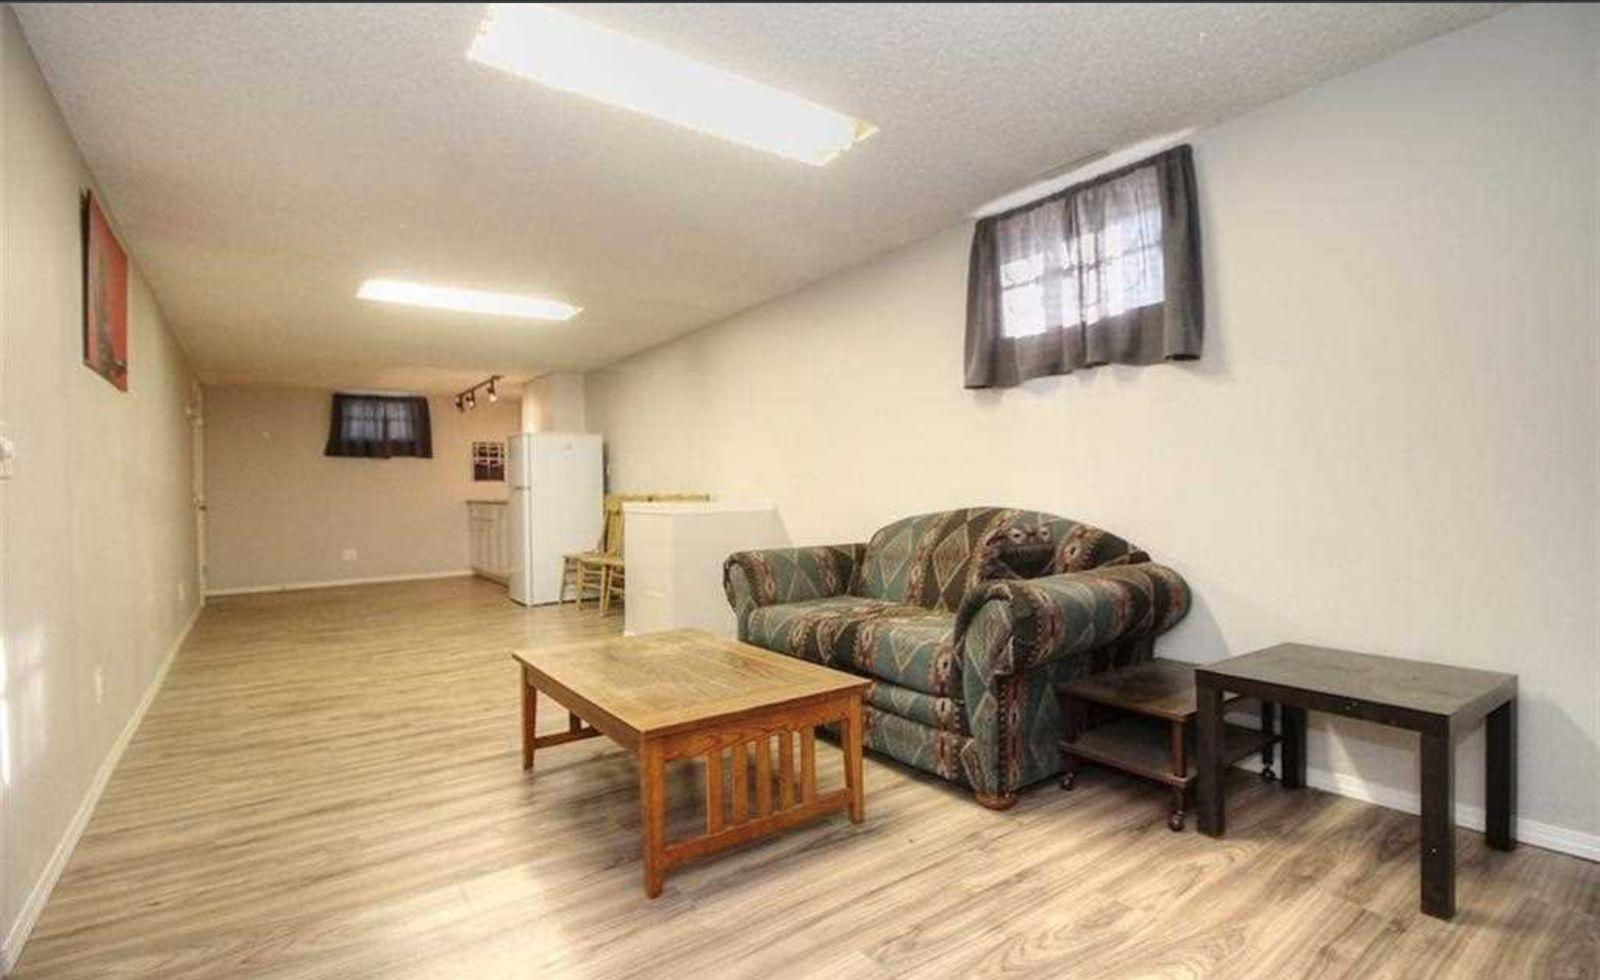 basement suite for interior furniture in calgary se quizeteer com u2022 rh quizeteer com